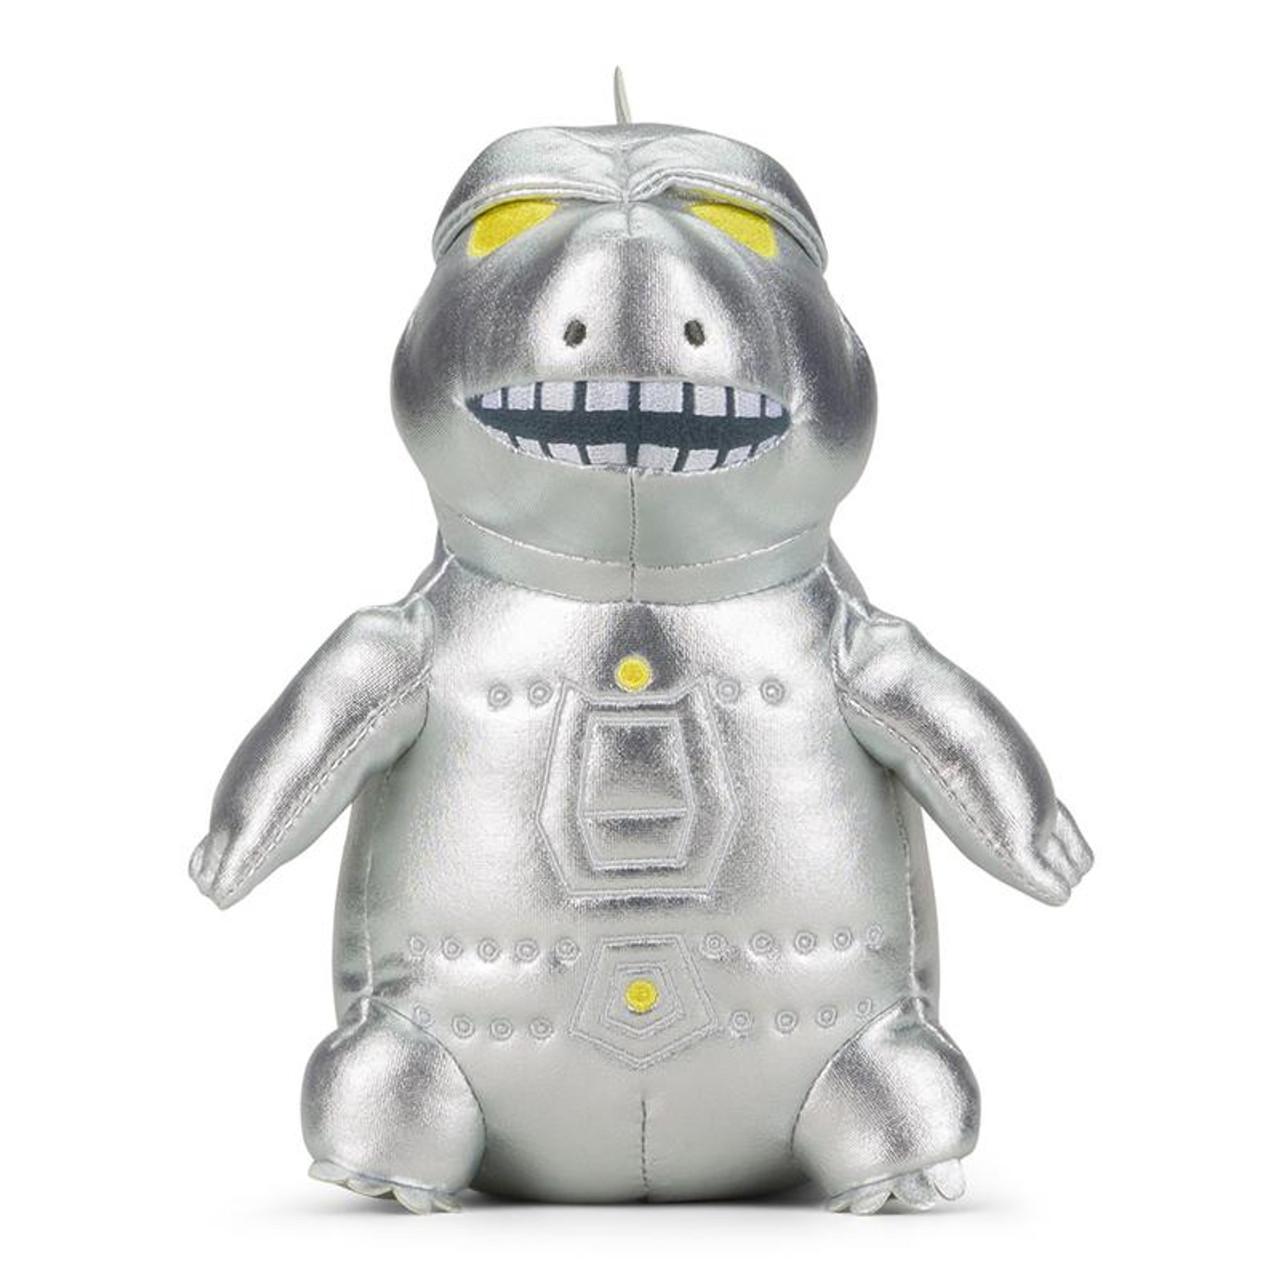 Ty Puppies Stuffed Animals, Kidrobot Phunny Mecha Godzilla Plush